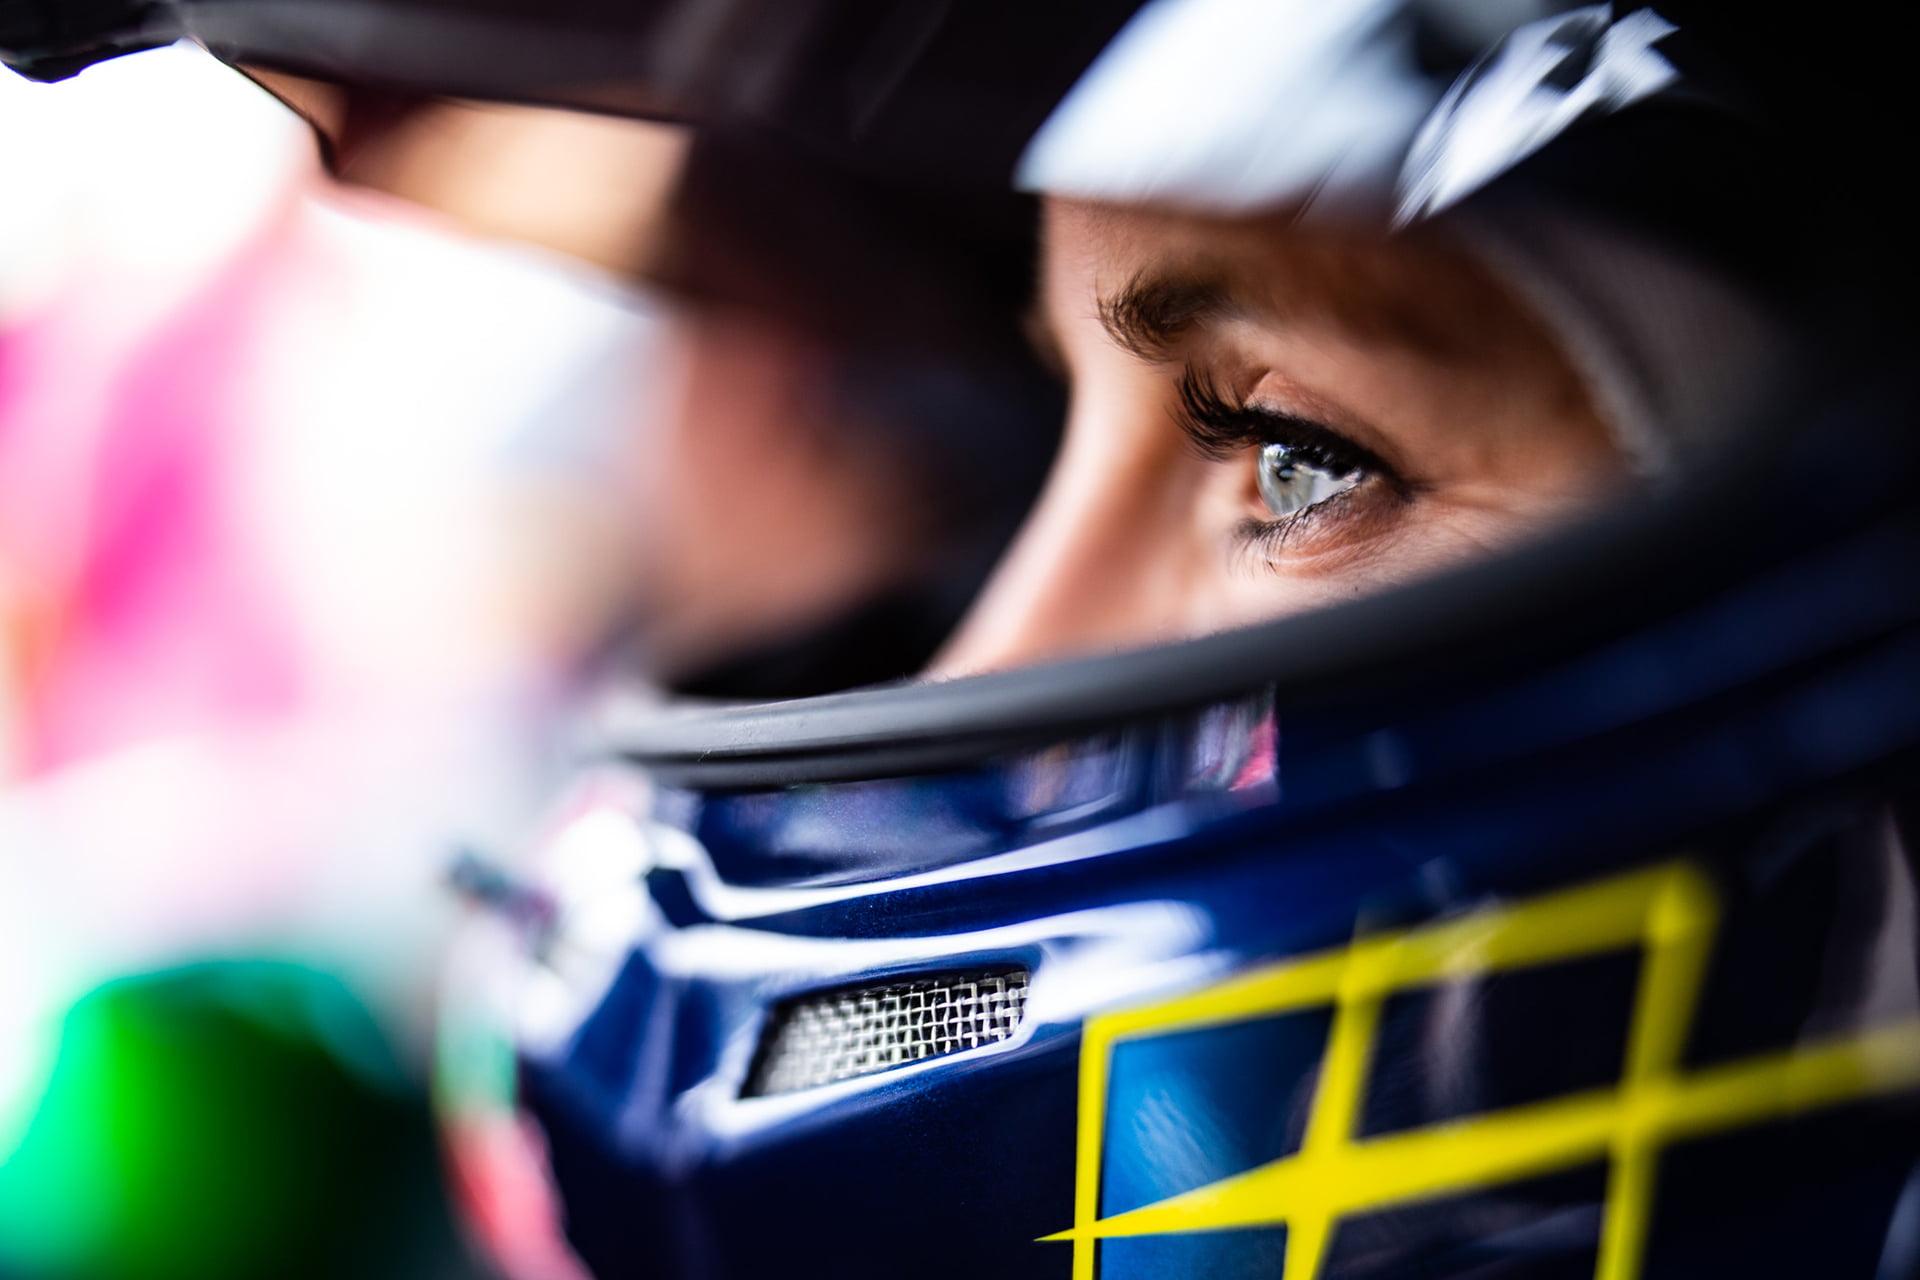 Mikaela competirá junto a Button en el campeonato.